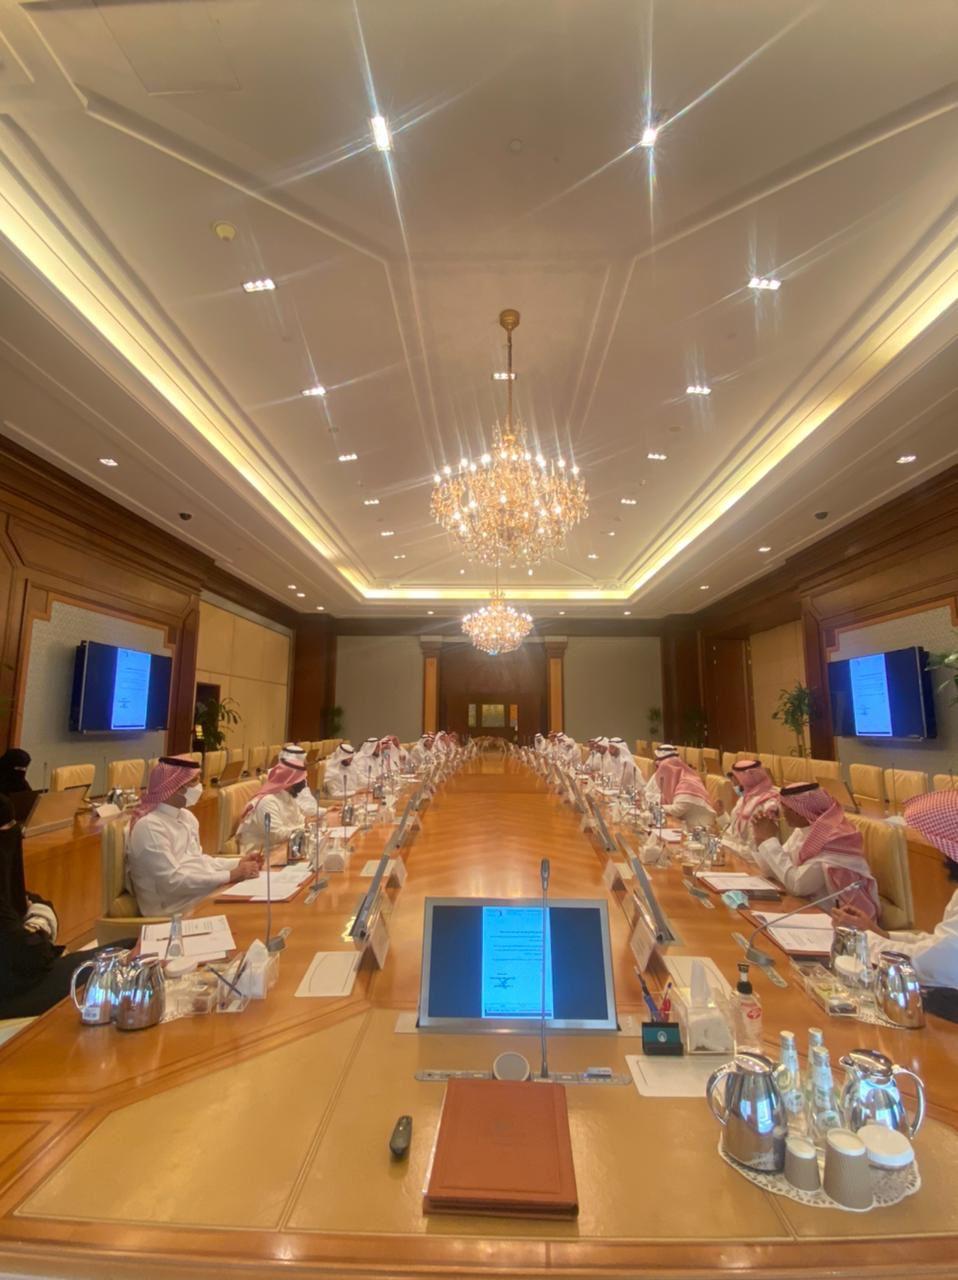 جامعة الأميرة نورة بنت عبدالرحمن تستضيف الاجتماع التاسع عشر للجنة عمداء شؤون الطلاب بجامعات المملكة